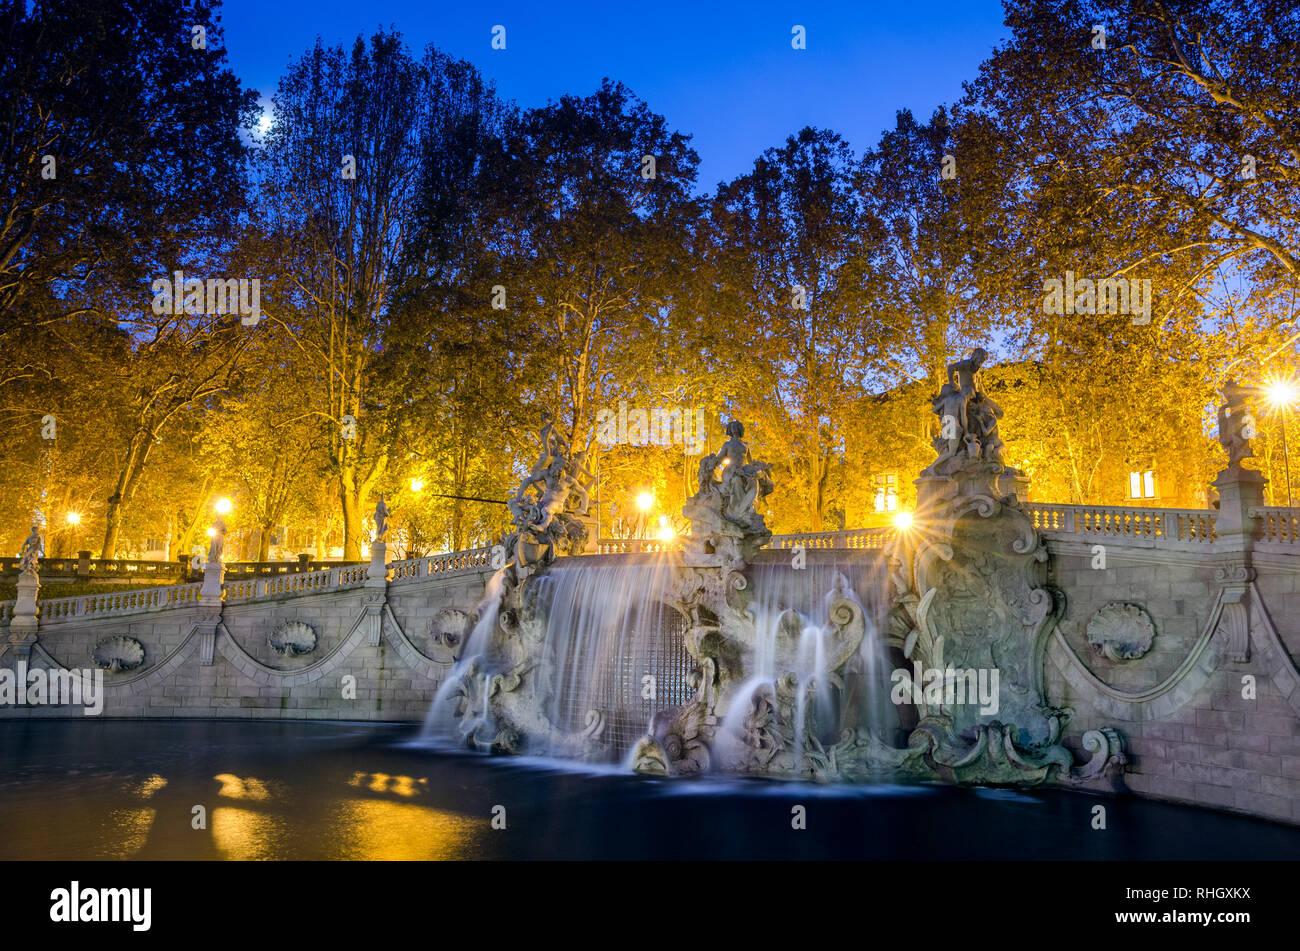 Torino Fontana dei dodici mesi al chiaro di luna Foto Stock